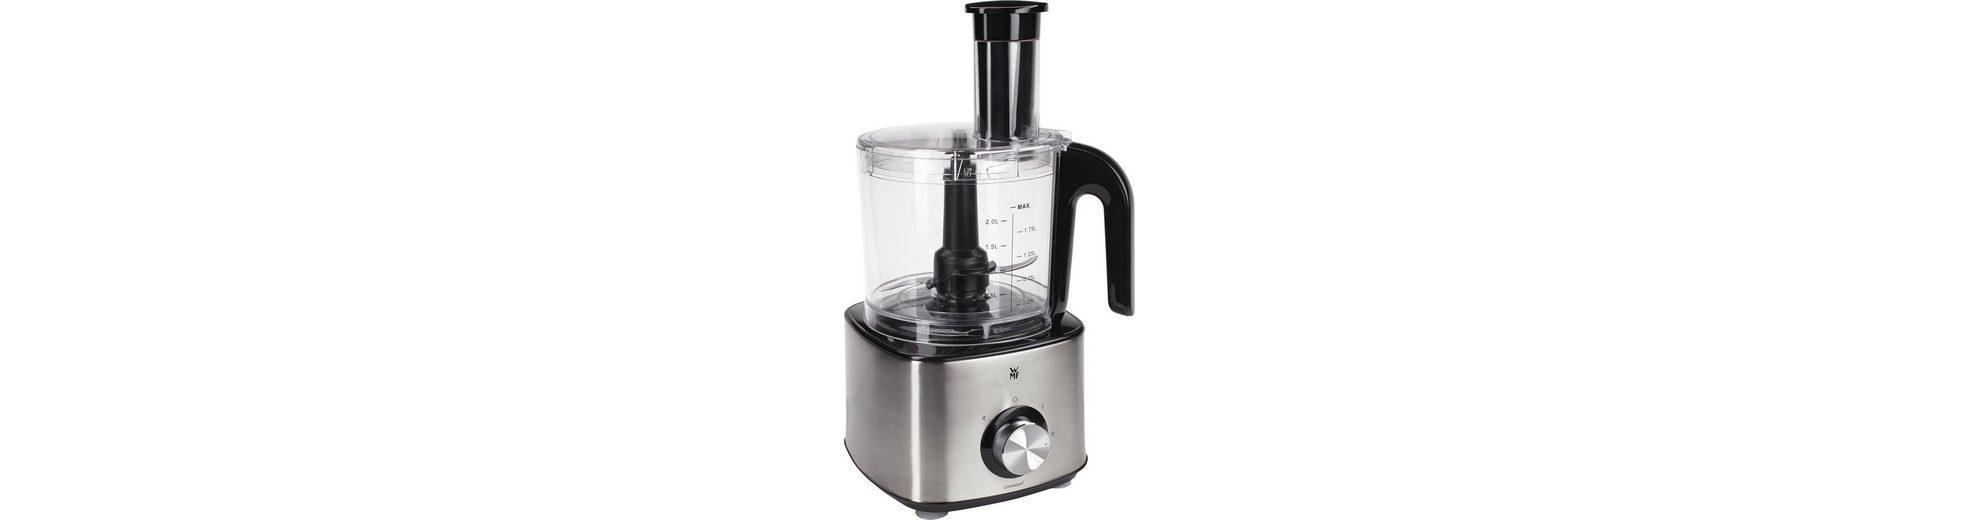 WMF Küchenmaschine Kult X, 2 Liter, 1000 Watt